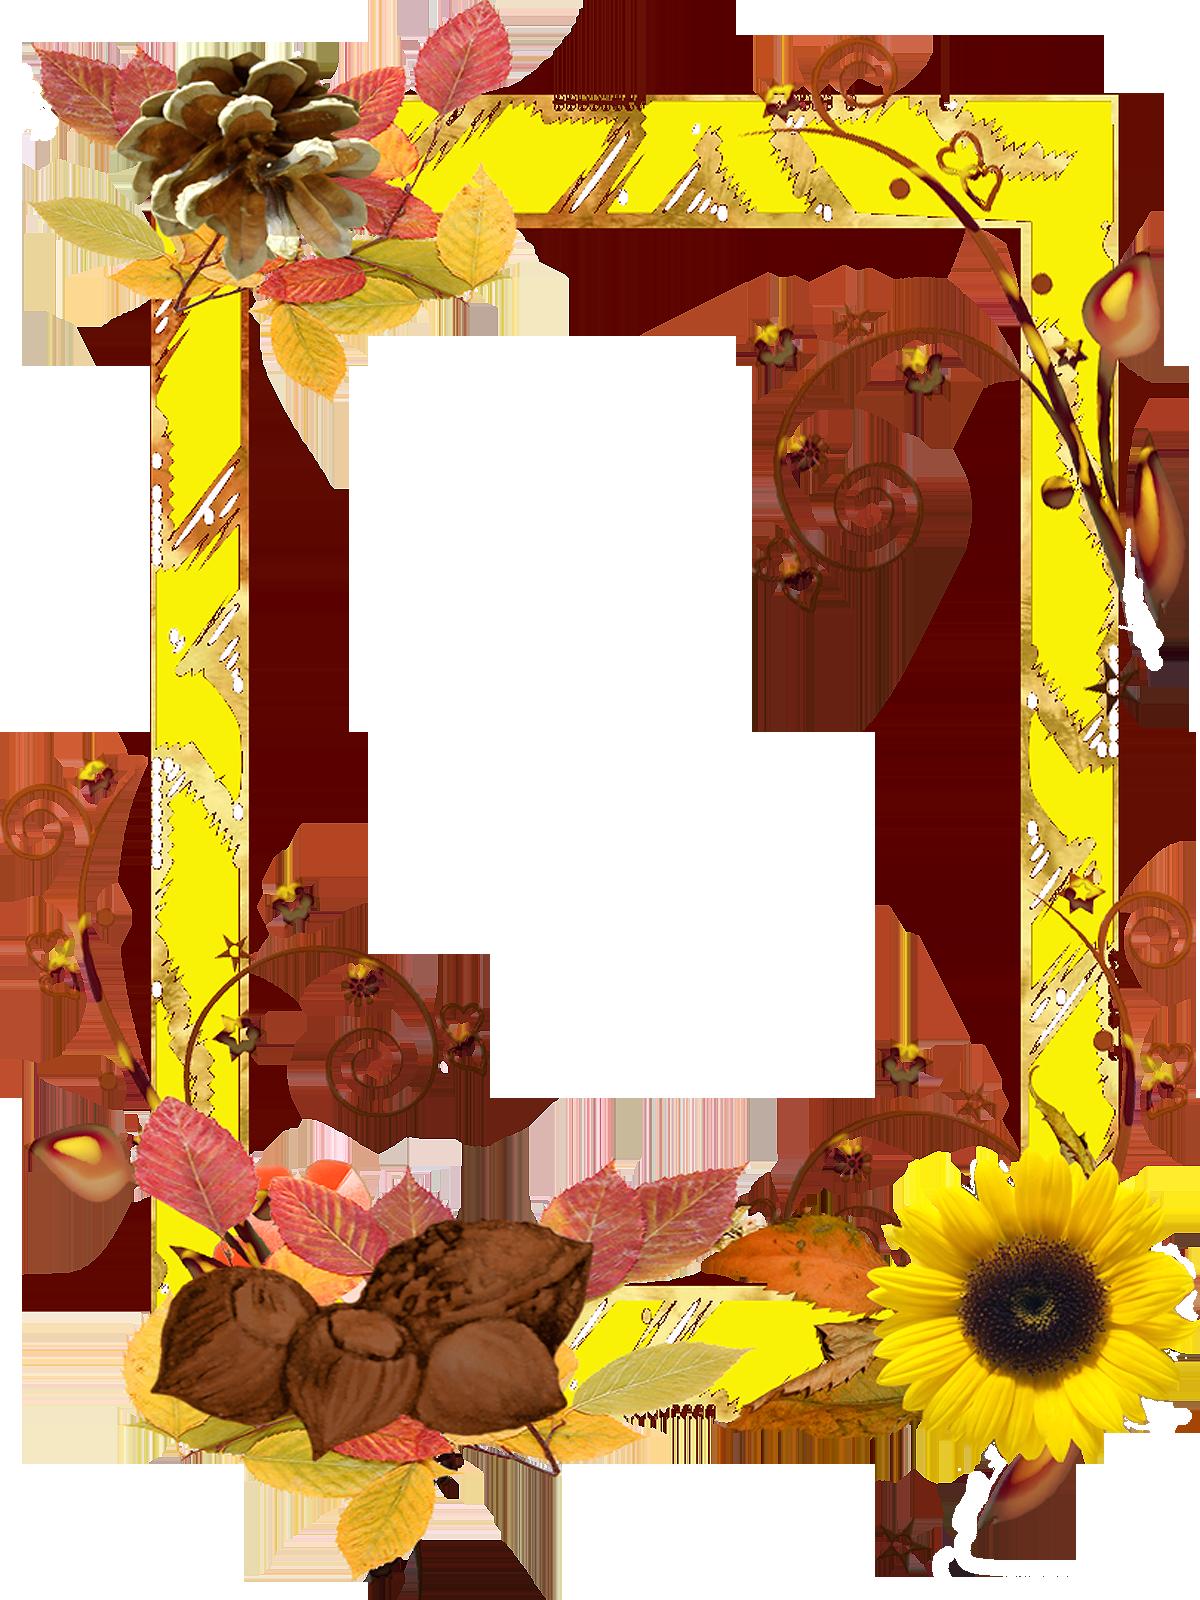 descargar marcos de flores en png